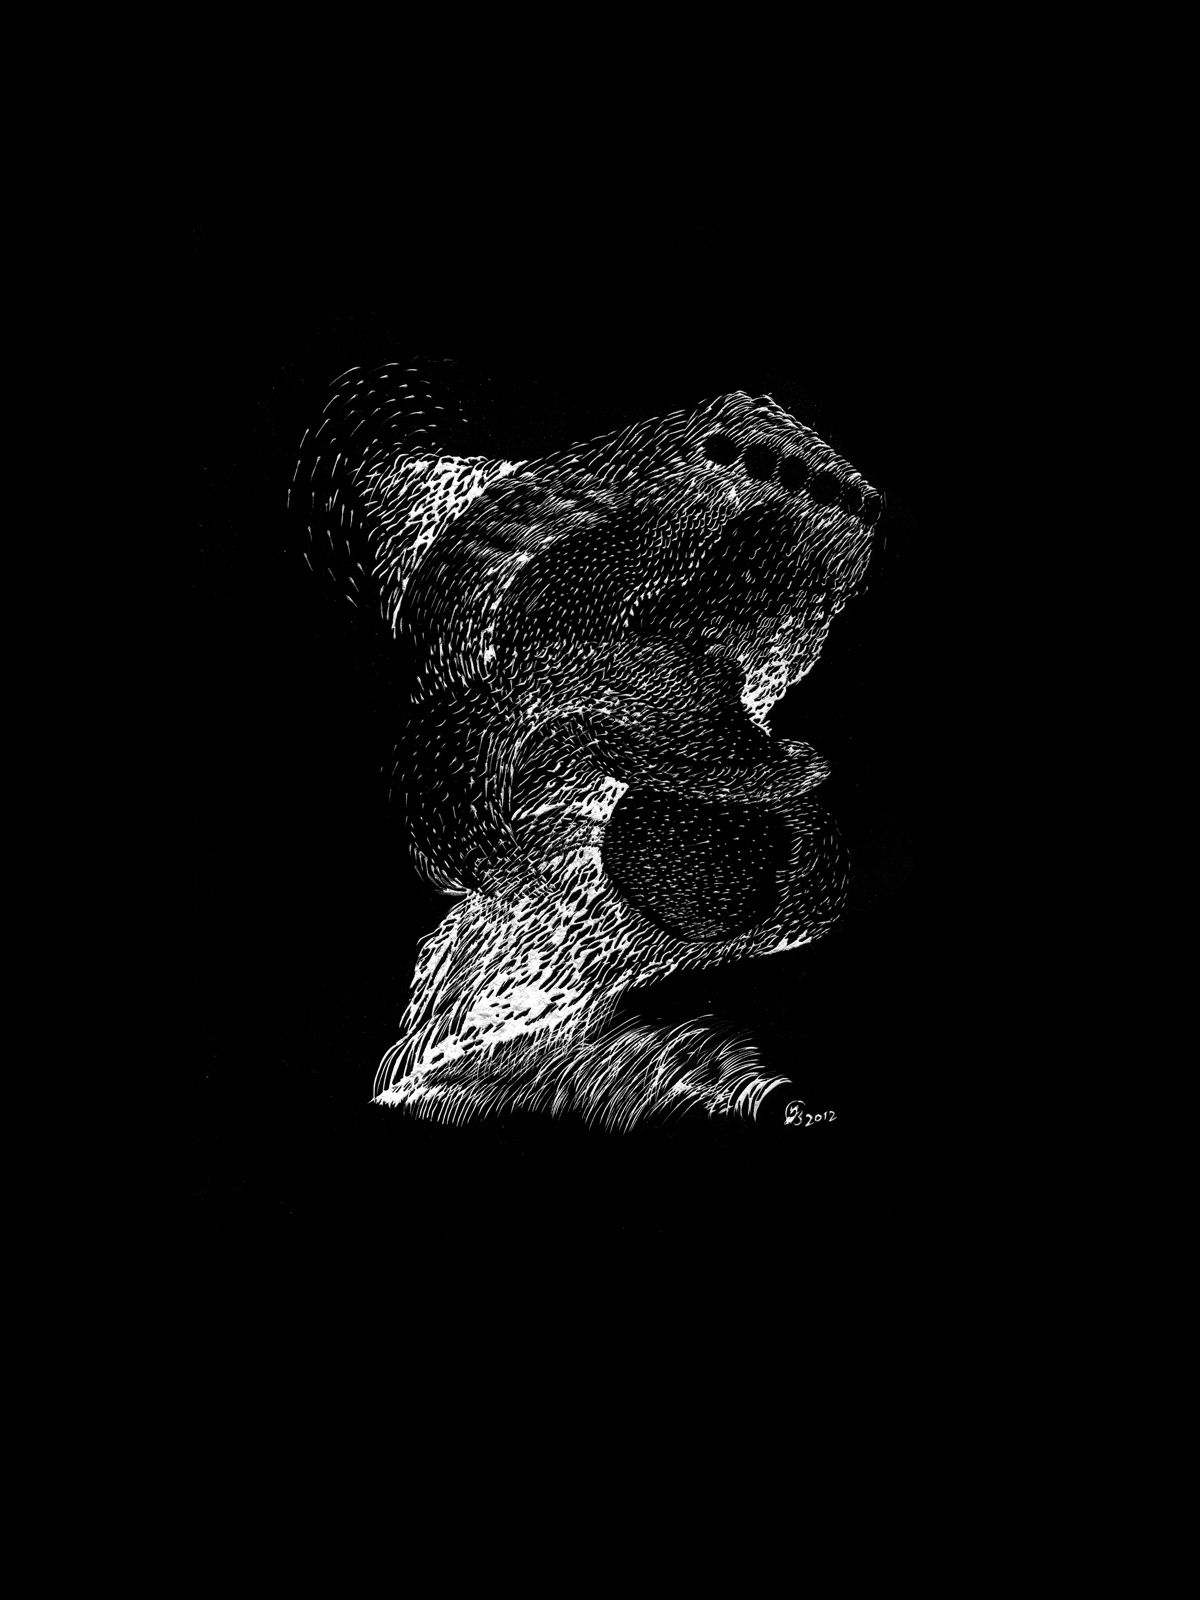 Segno #1-#10, gravures sur cartes à gratter, noires, 24 x 32 cm, Yann Bagot 2011.